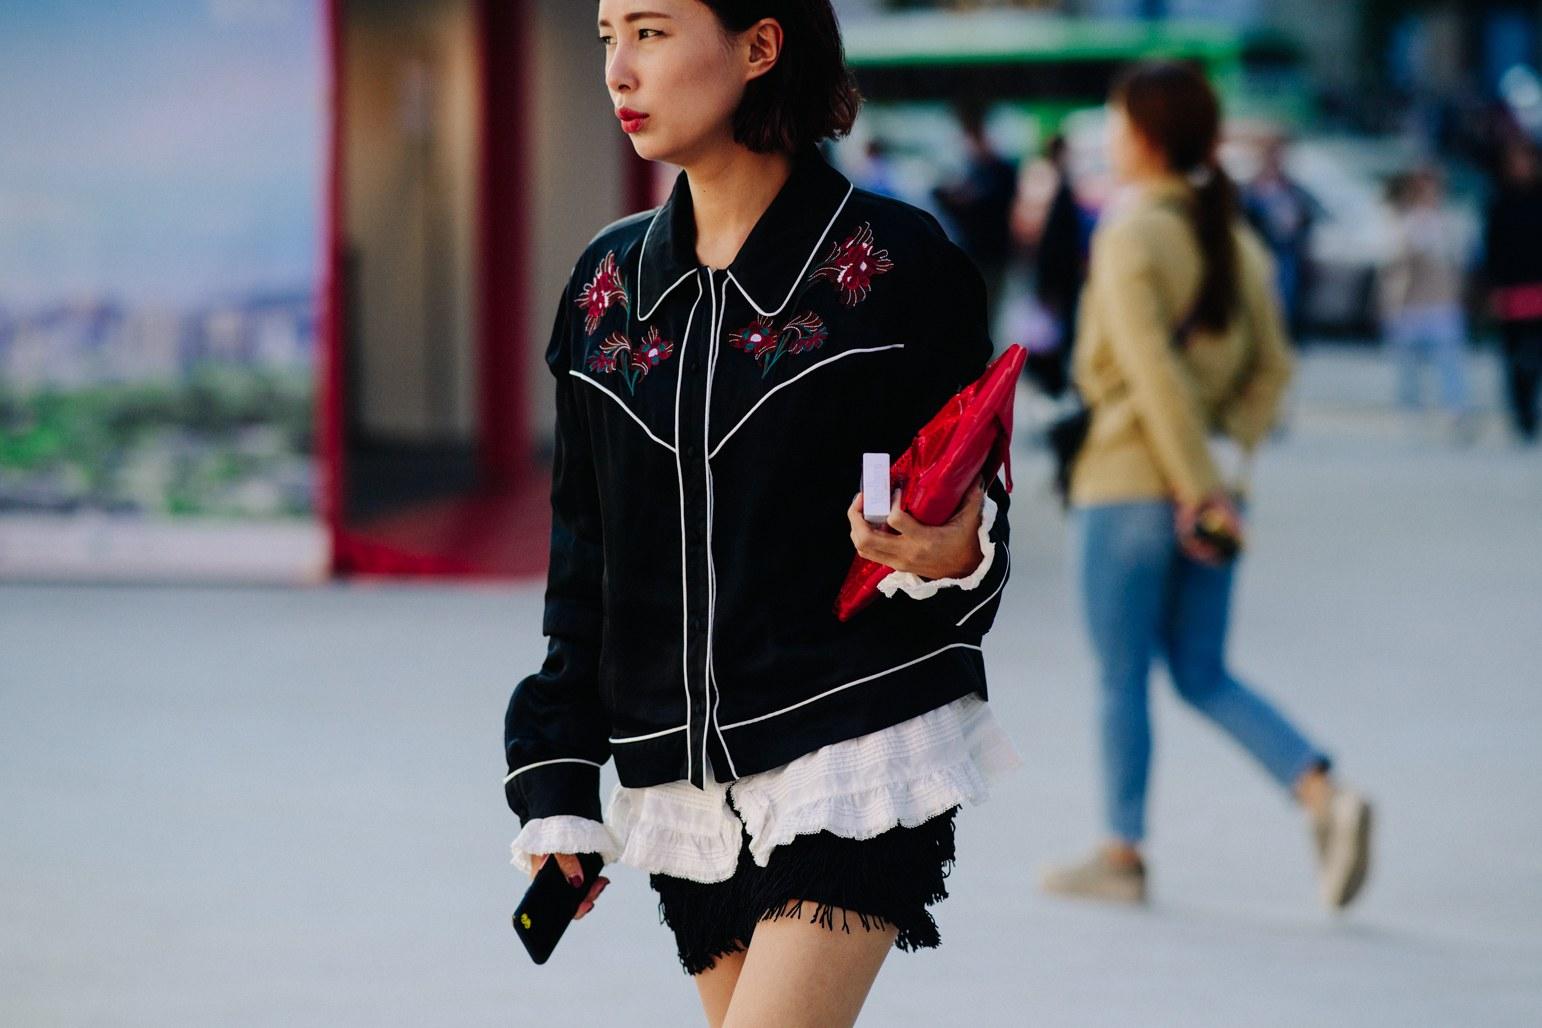 Seoul Fashion Week: Riêng về street style, giới trẻ Hàn nào có thua kém các ngôi sao nổi tiếng - Ảnh 14.